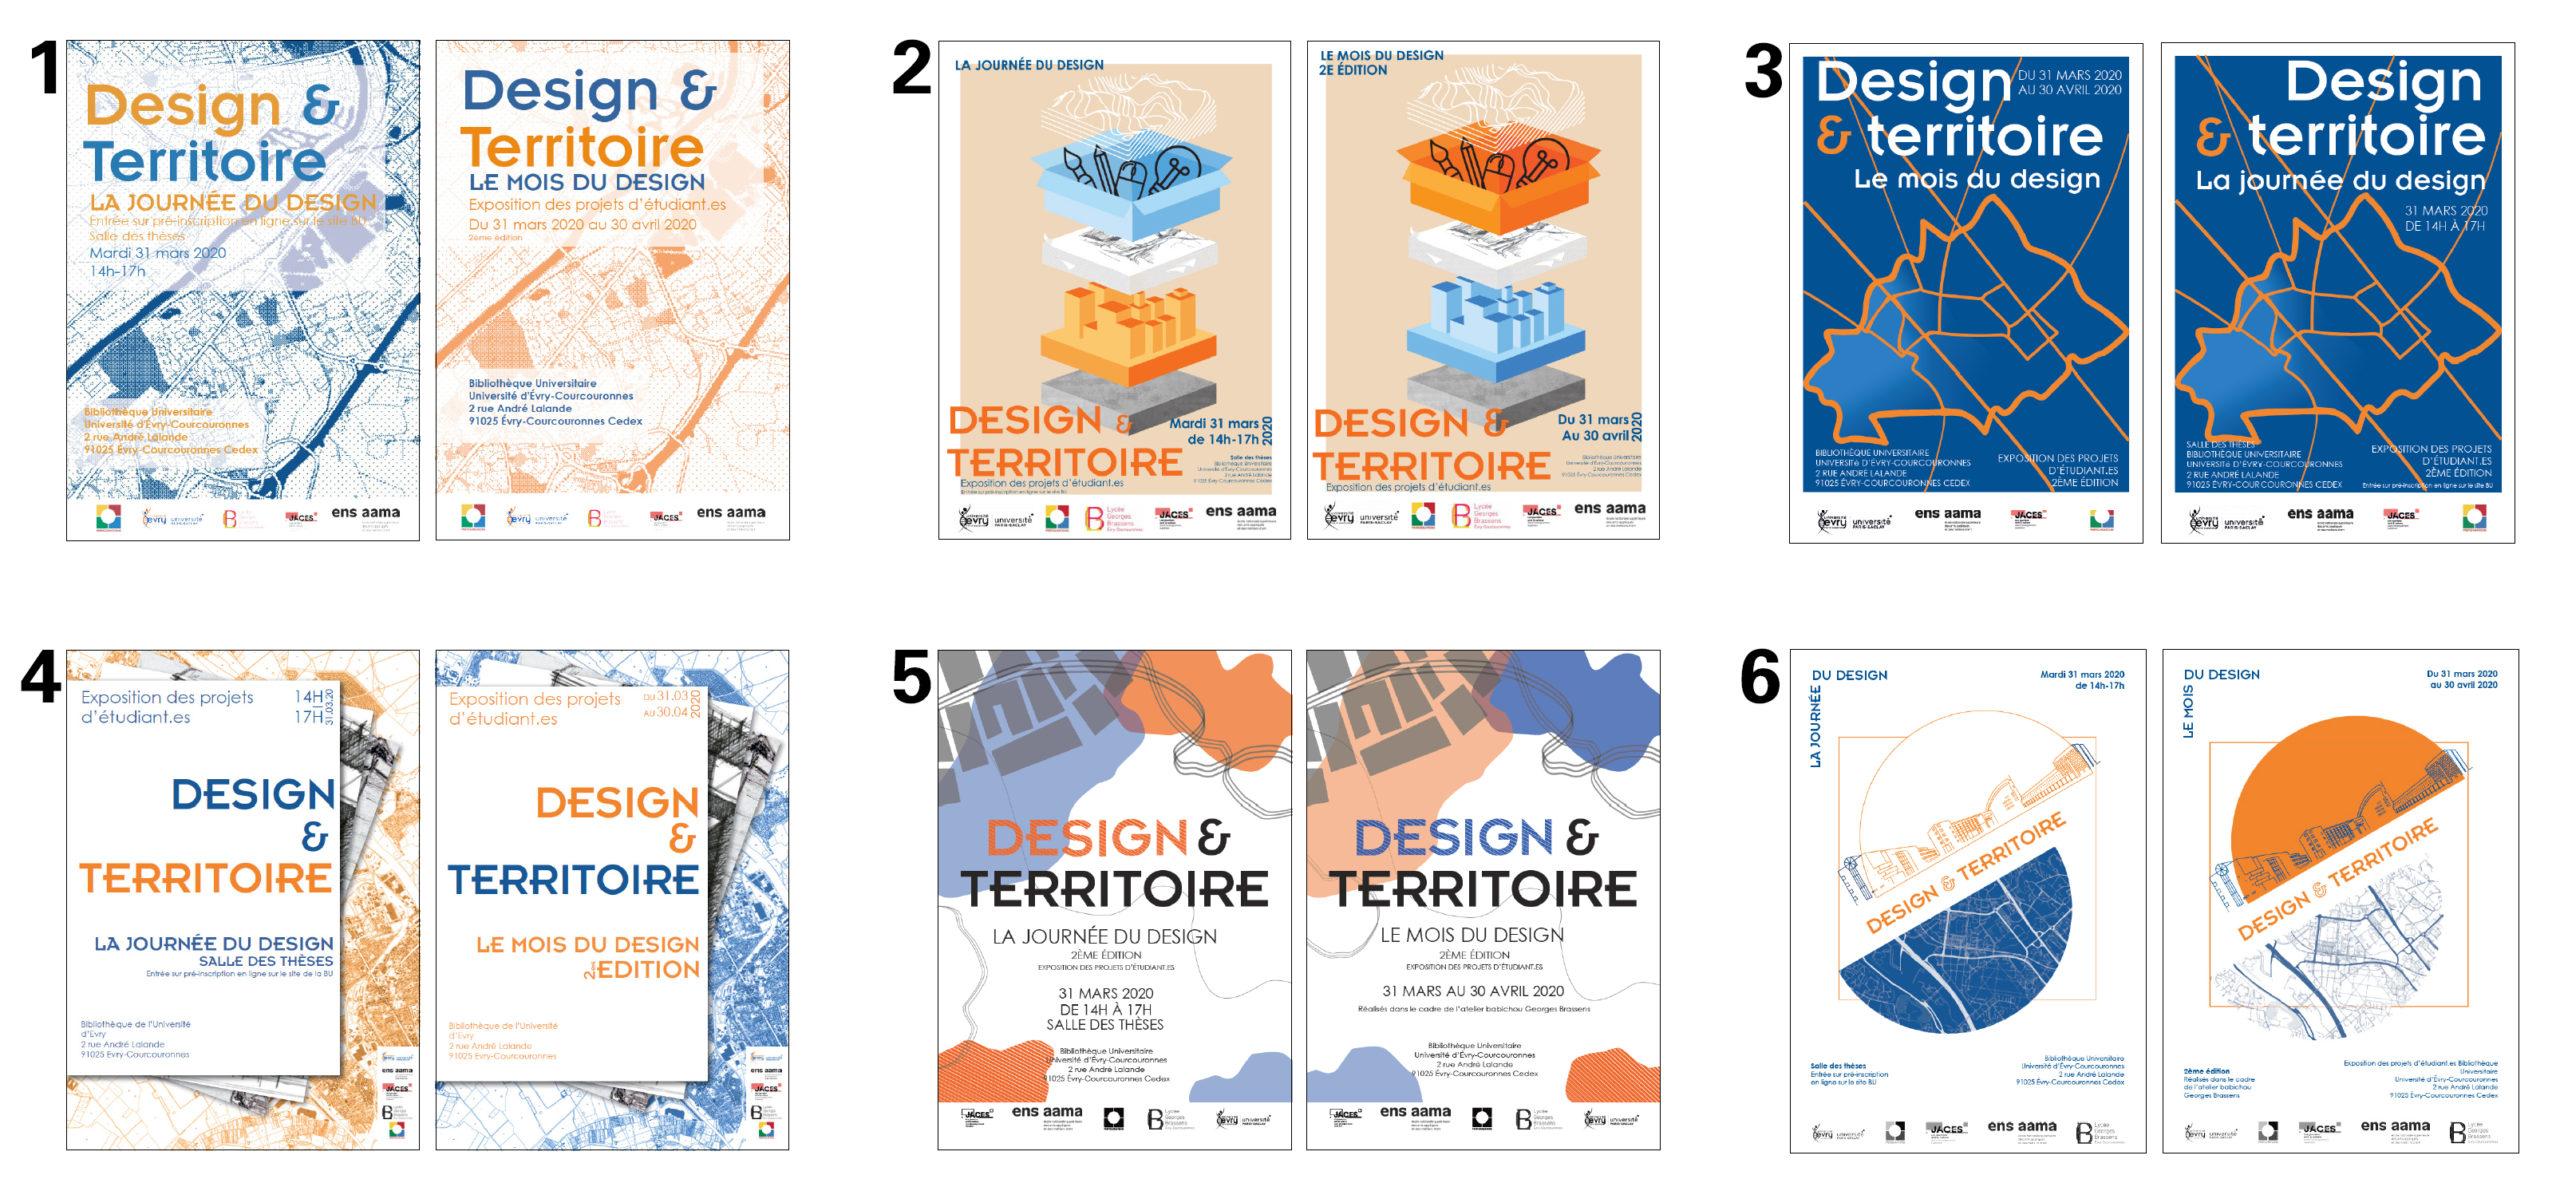 brassens-colloque-affiche-2019-6prop